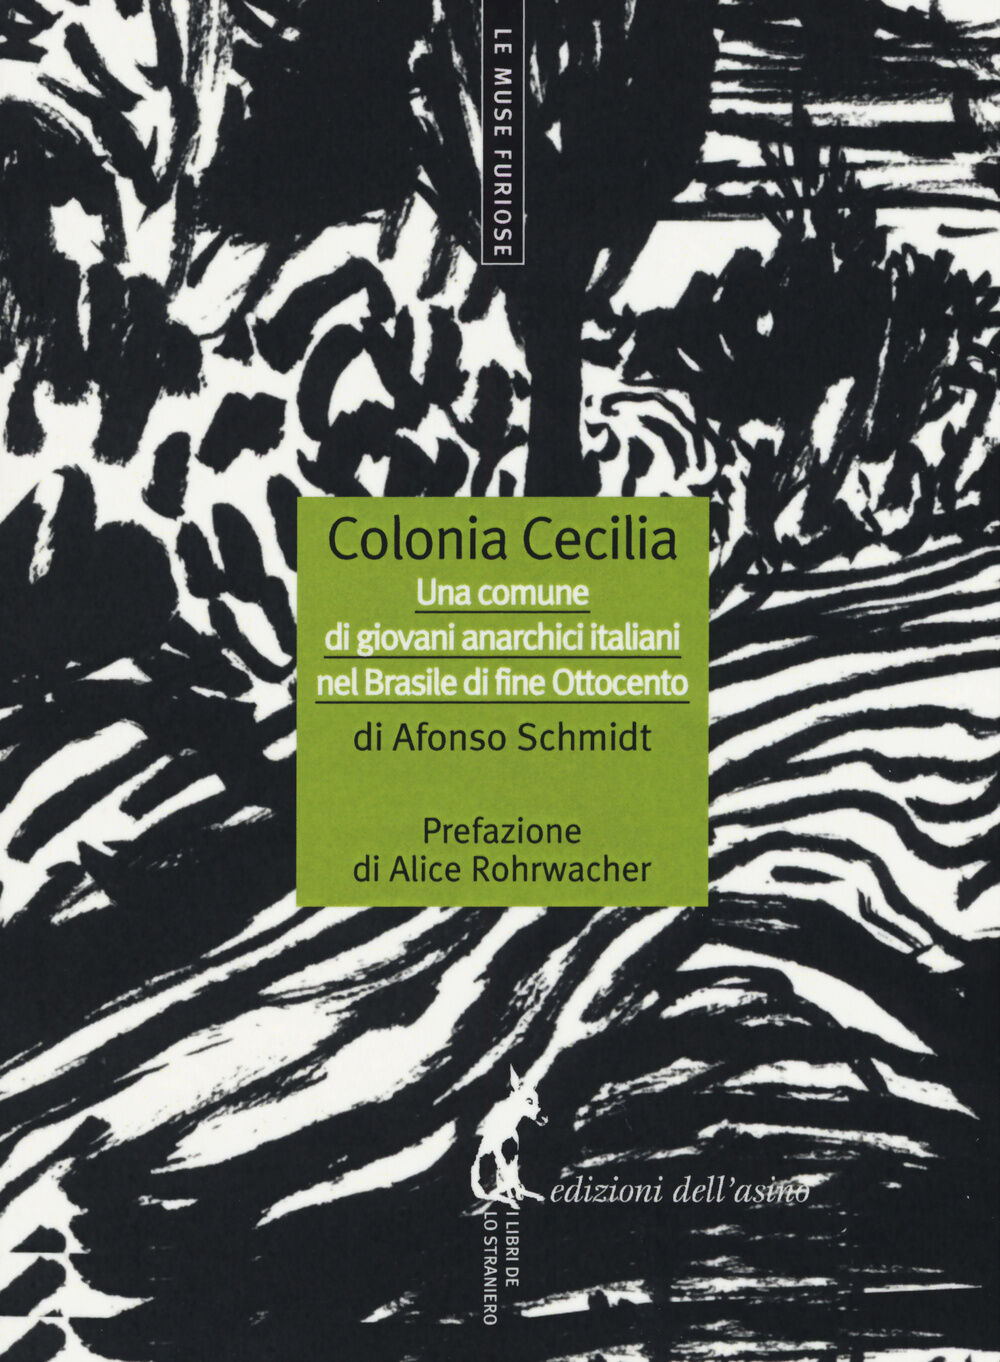 Colonia Cecilia. Una comune di giovani anarchici italiani nel Brasile di fine Ottocento